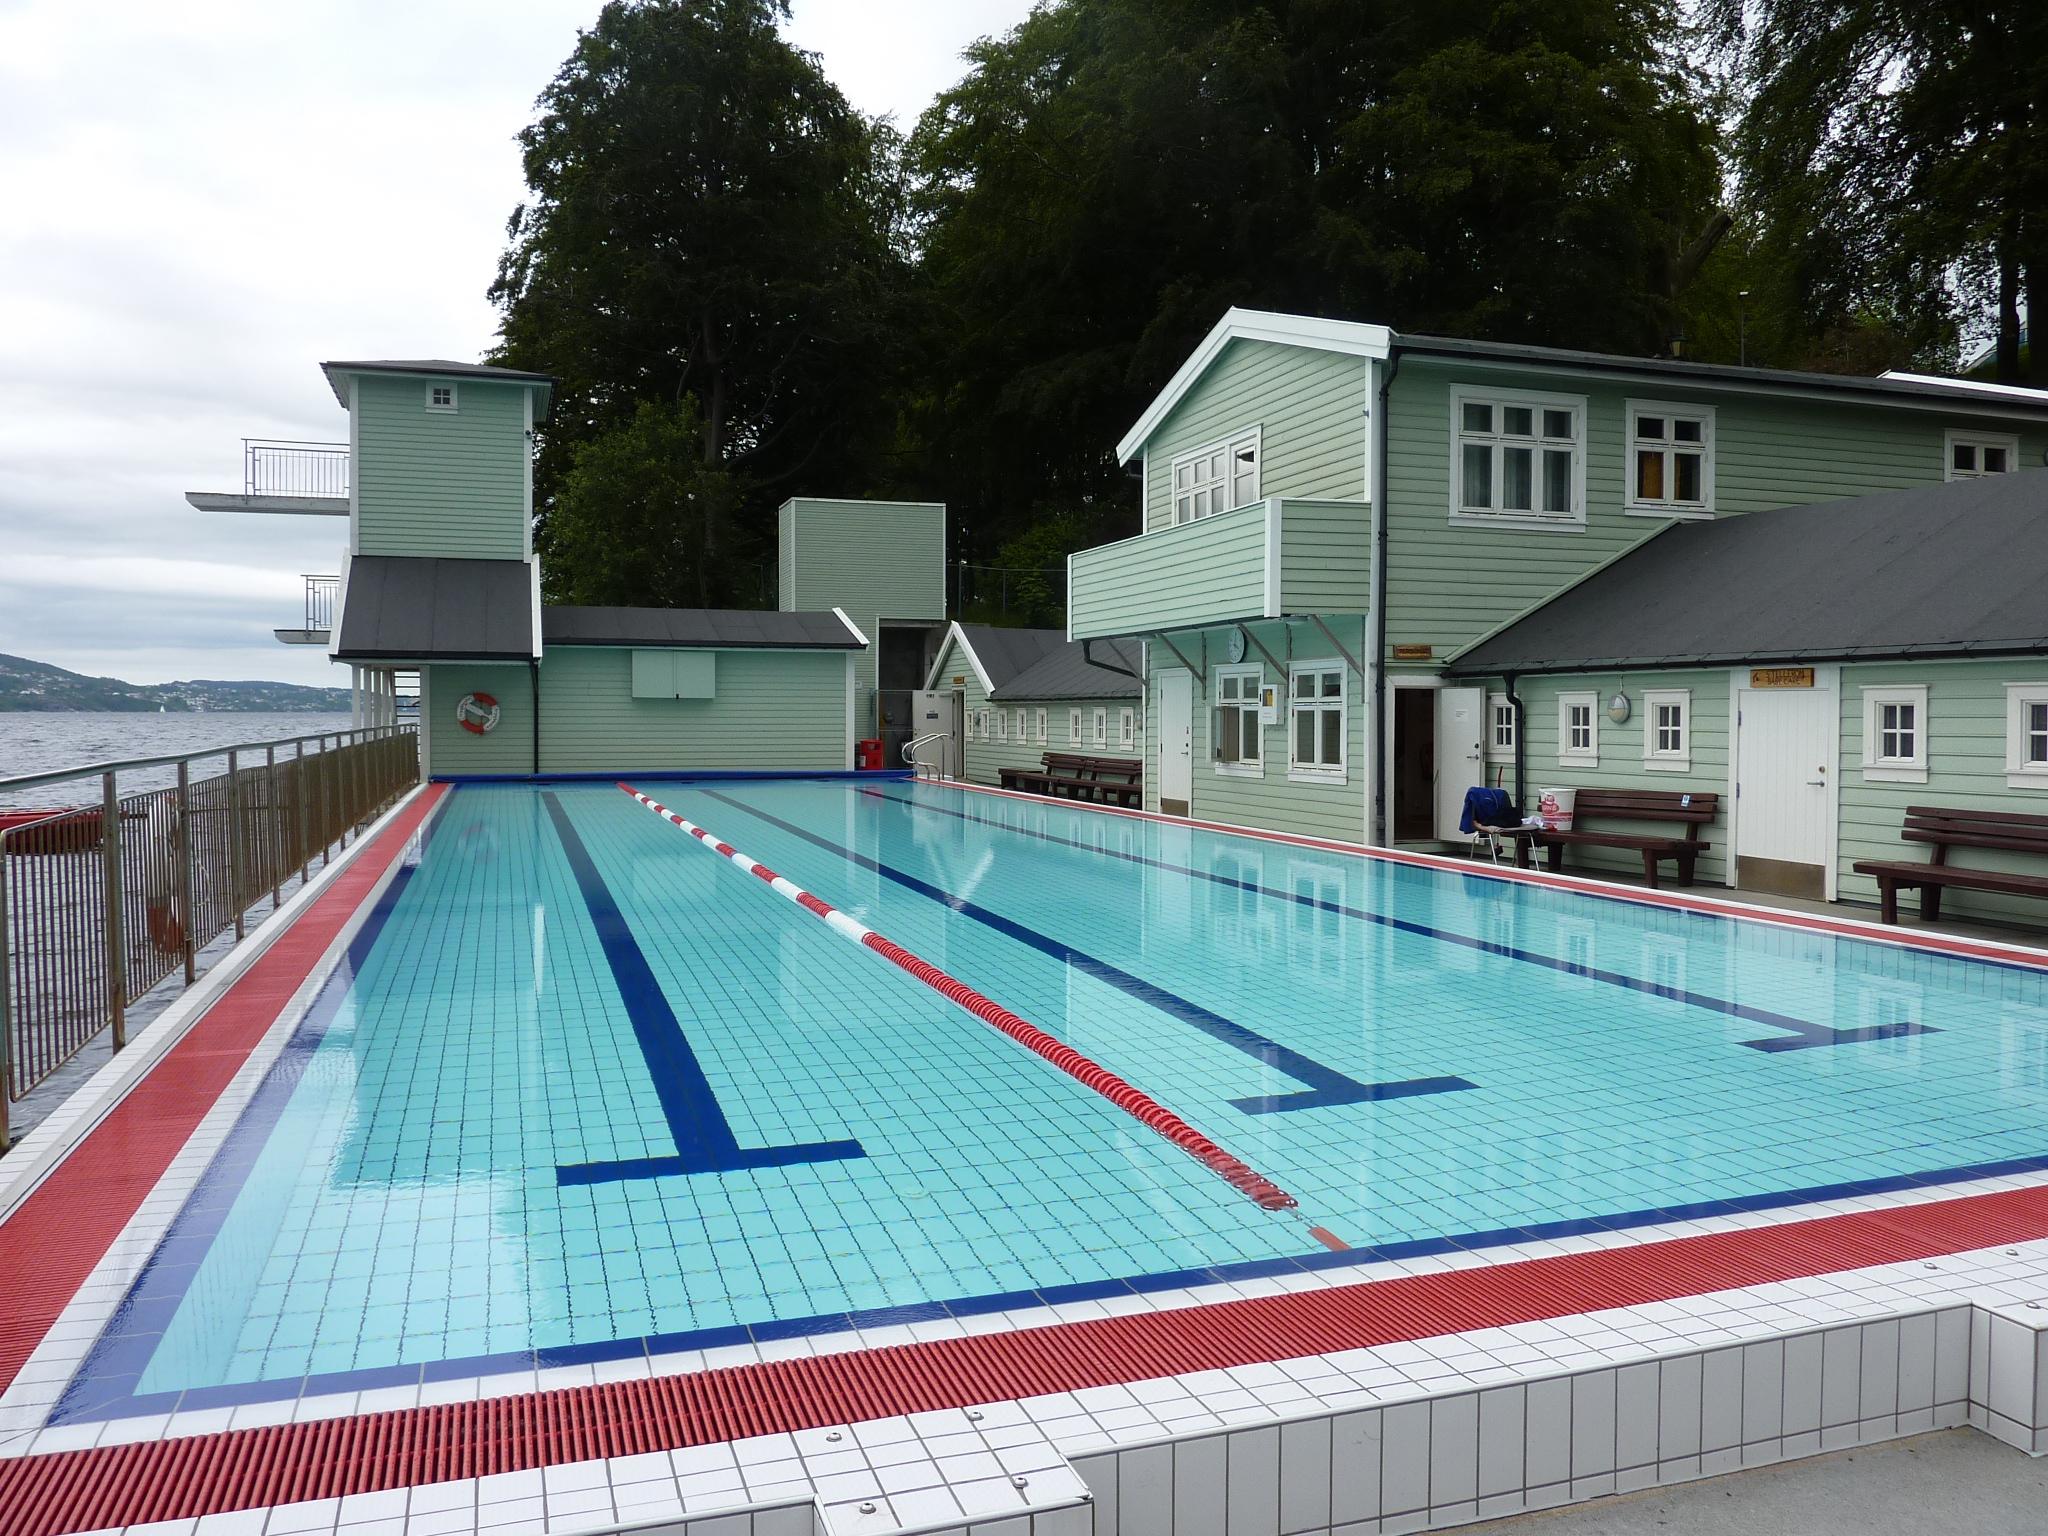 Schwimmbad Stadtbergen prinzenbad schwimmen in norwegen 2